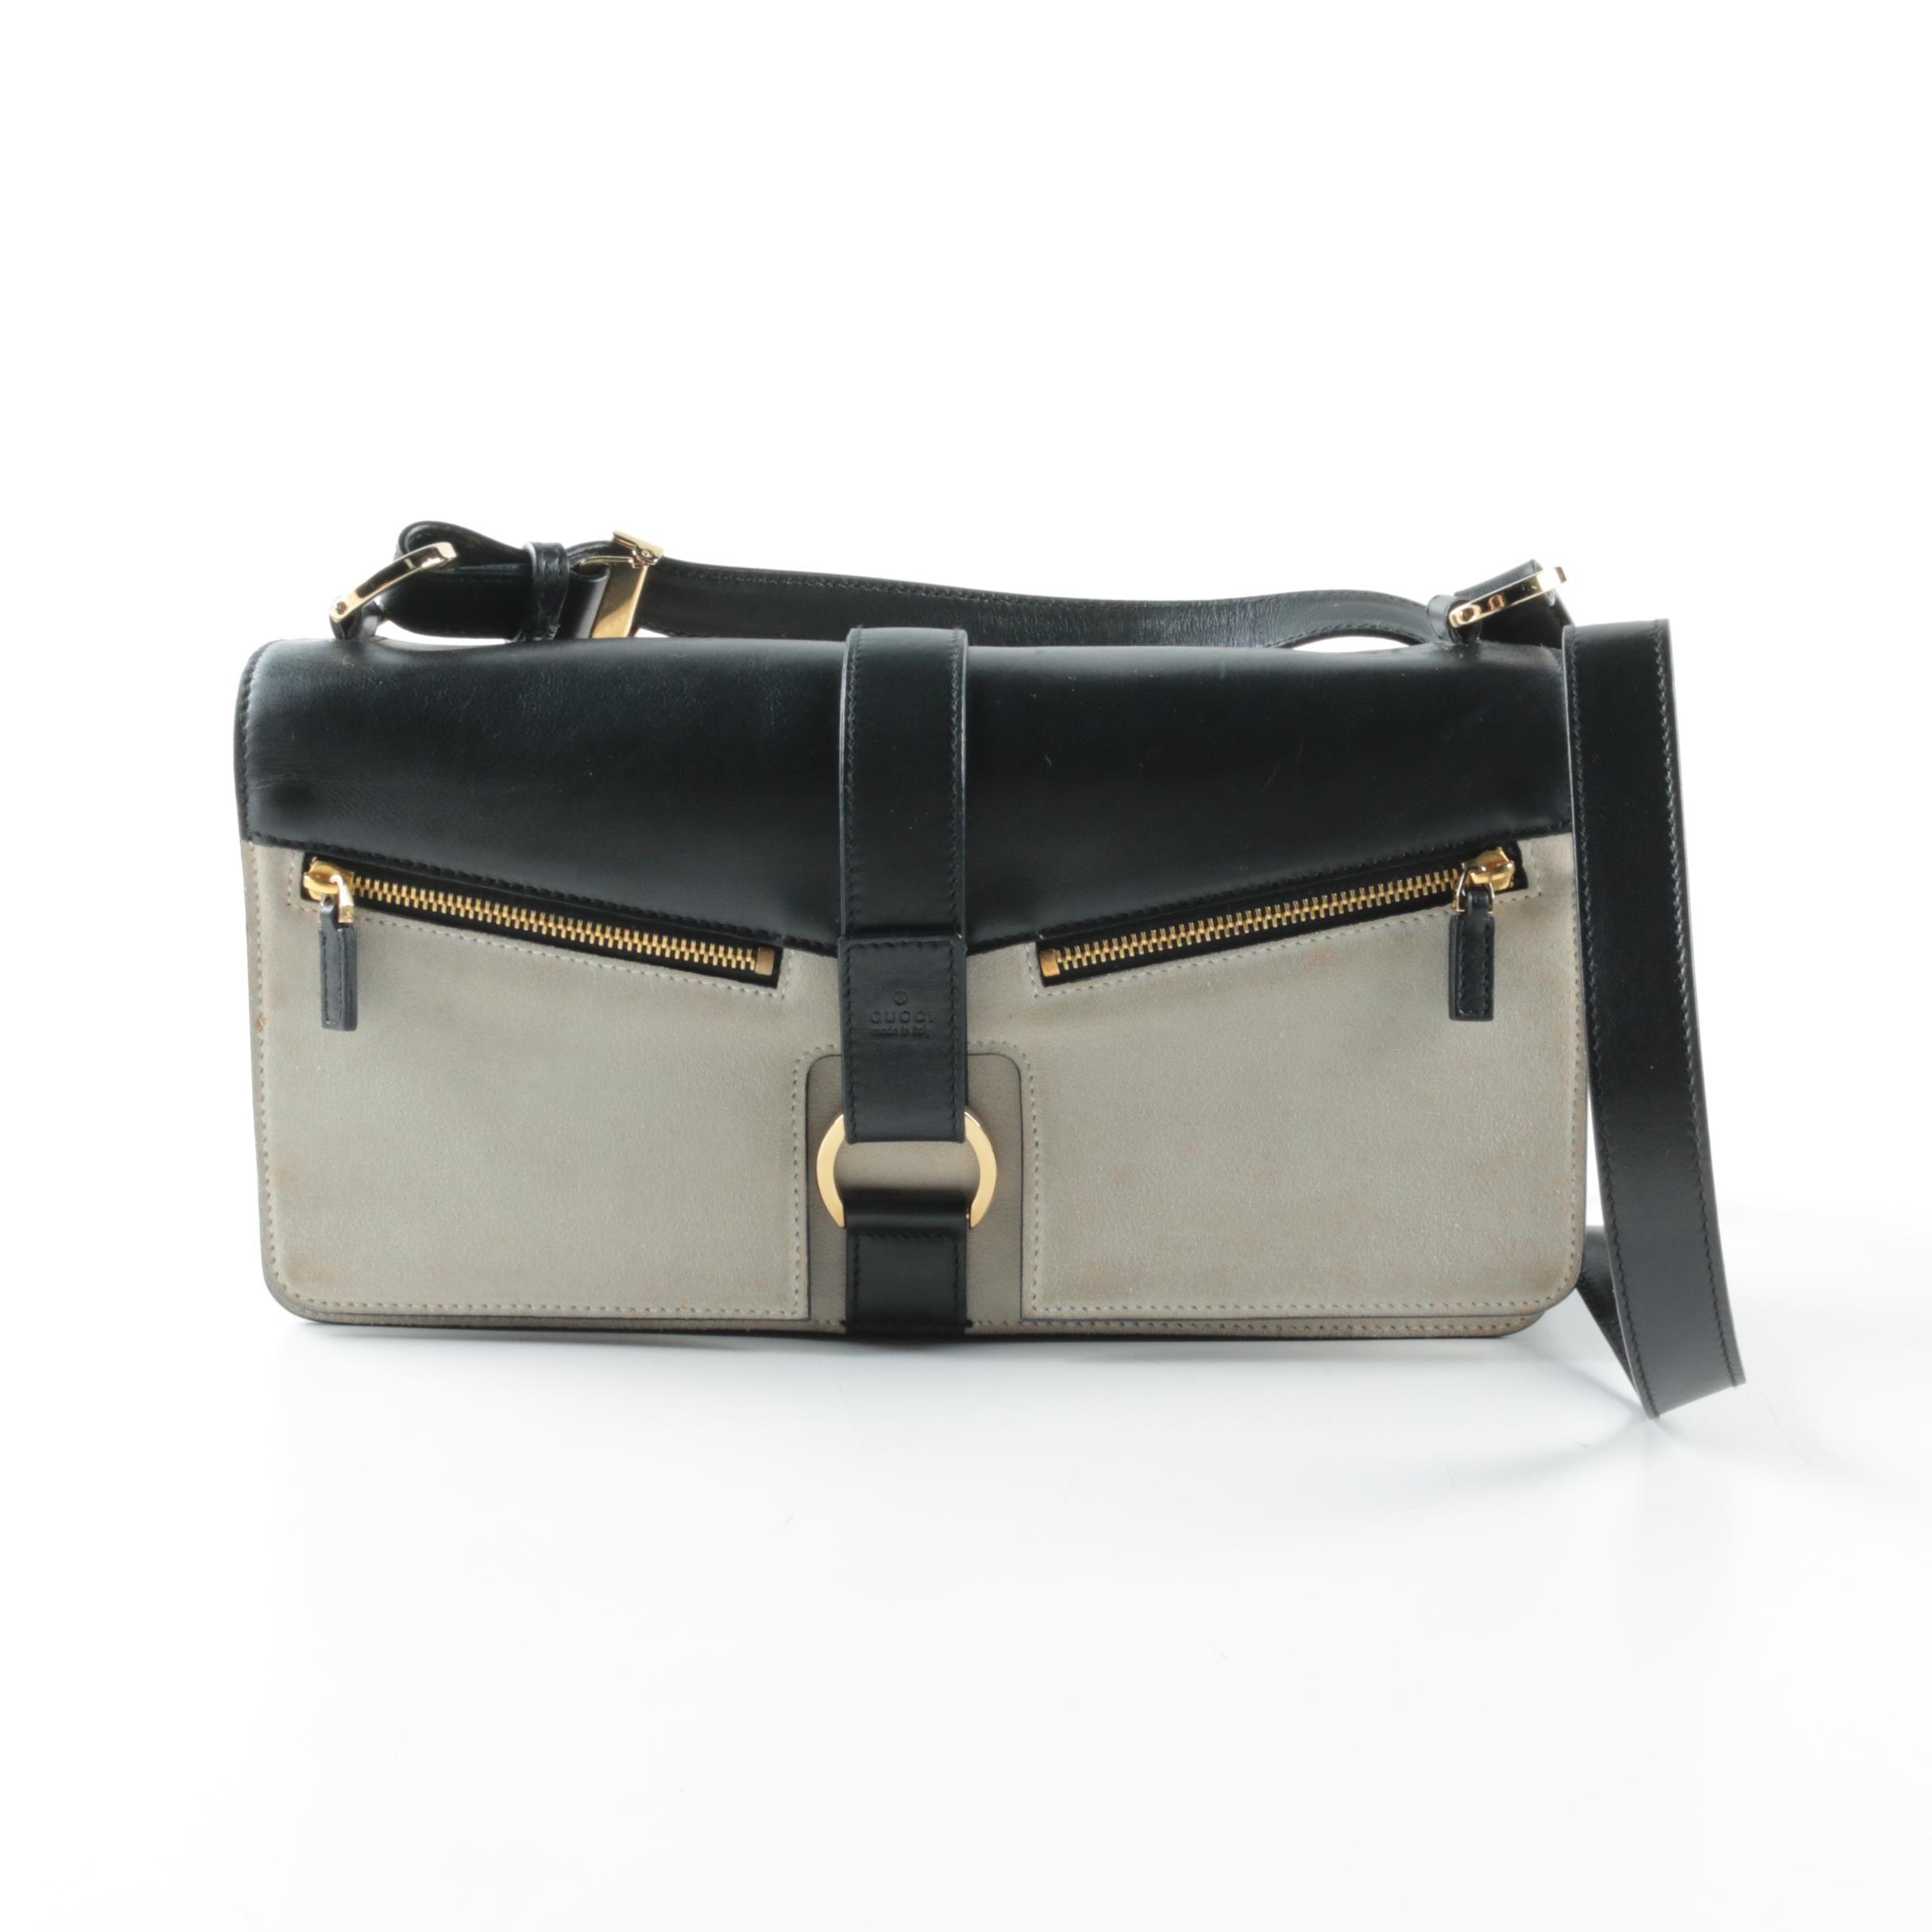 Gucci Flap Front Leather Shoulder Bag